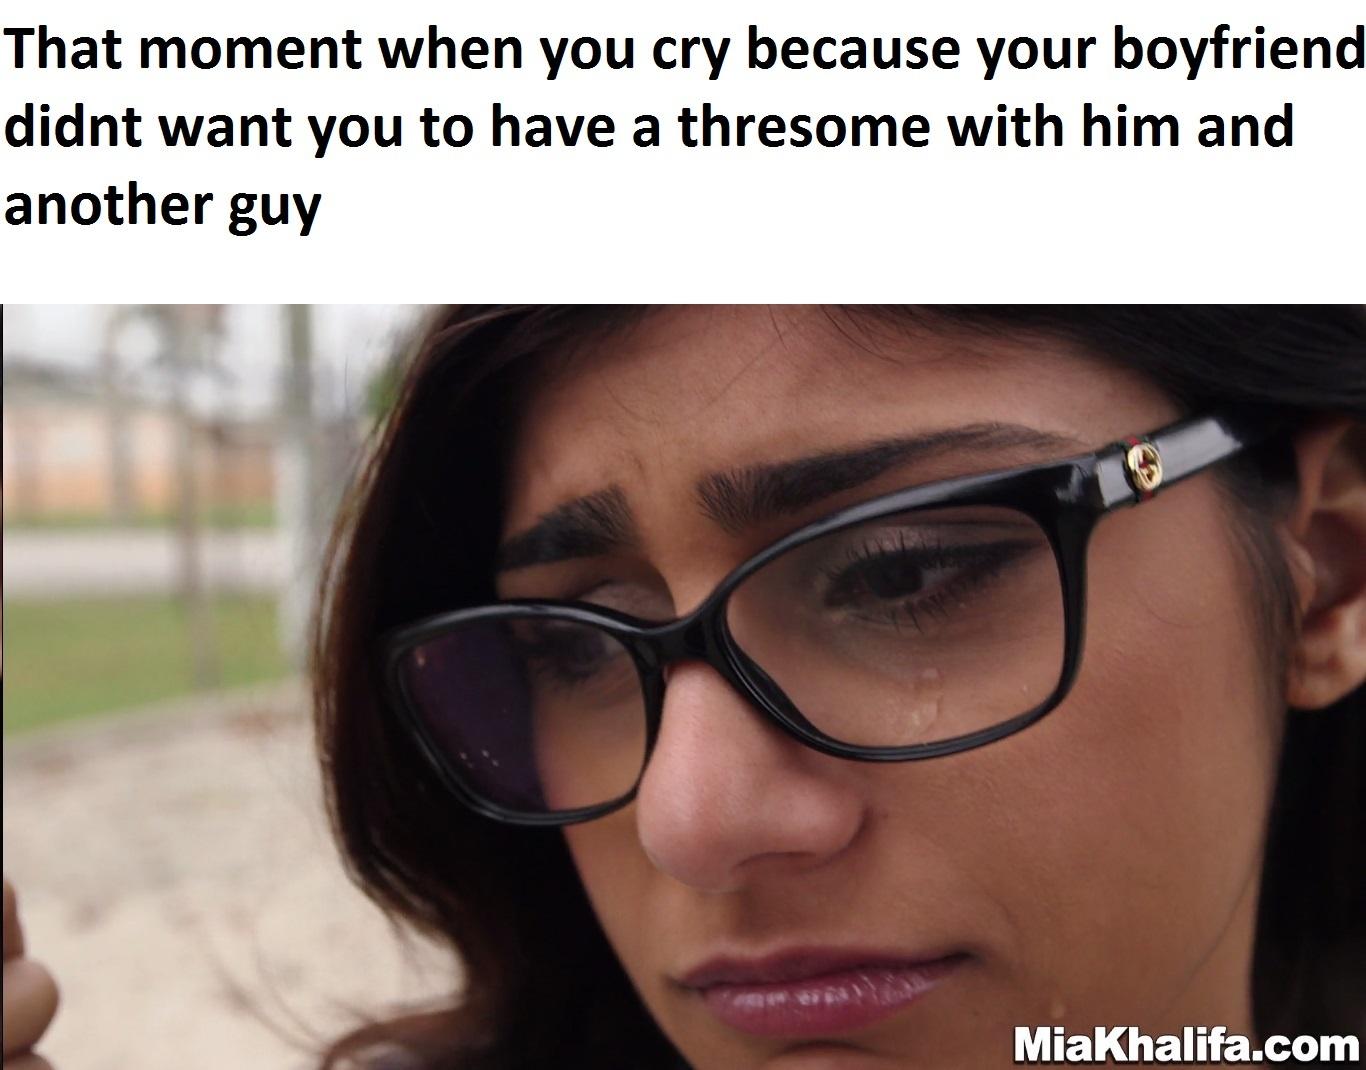 boys are jerks - meme